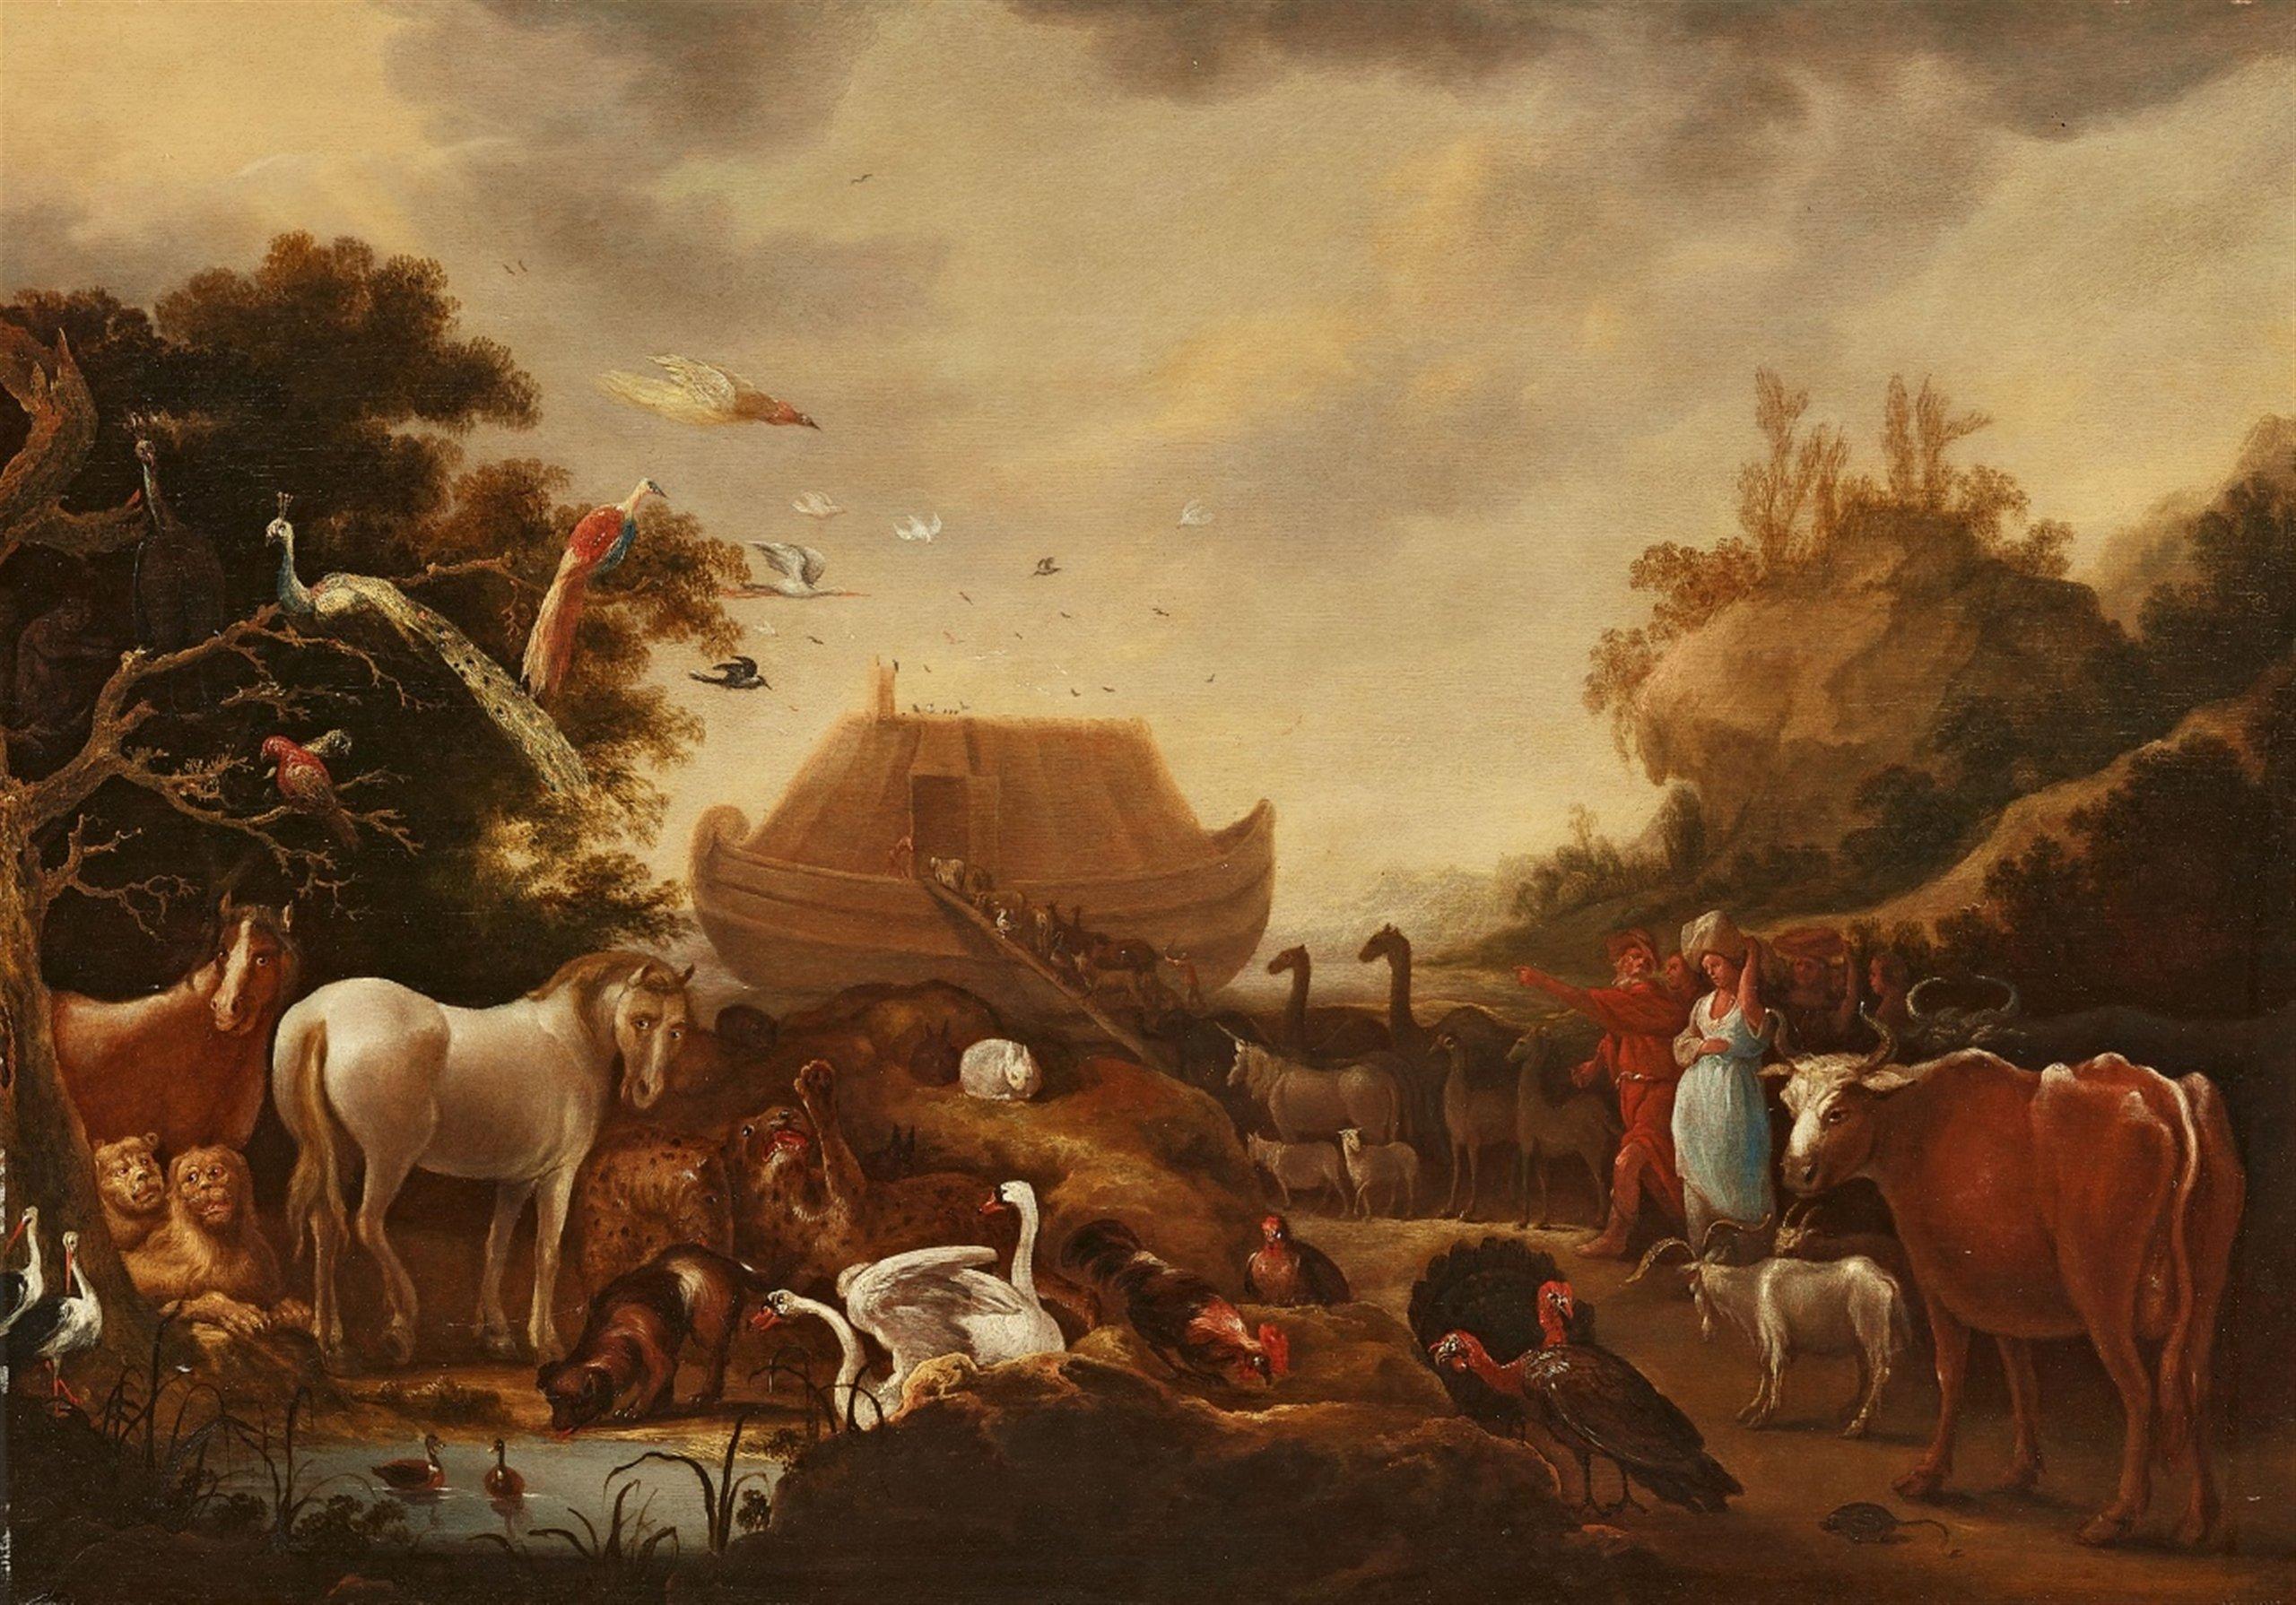 Gillis Claesz. de Hondecoeter (env. 1575 Anvers - 1638 Amsterdam), Paysage avec animaux et l'arche de Noé - Lempertz. Estimation: 3000€ - 4000 €